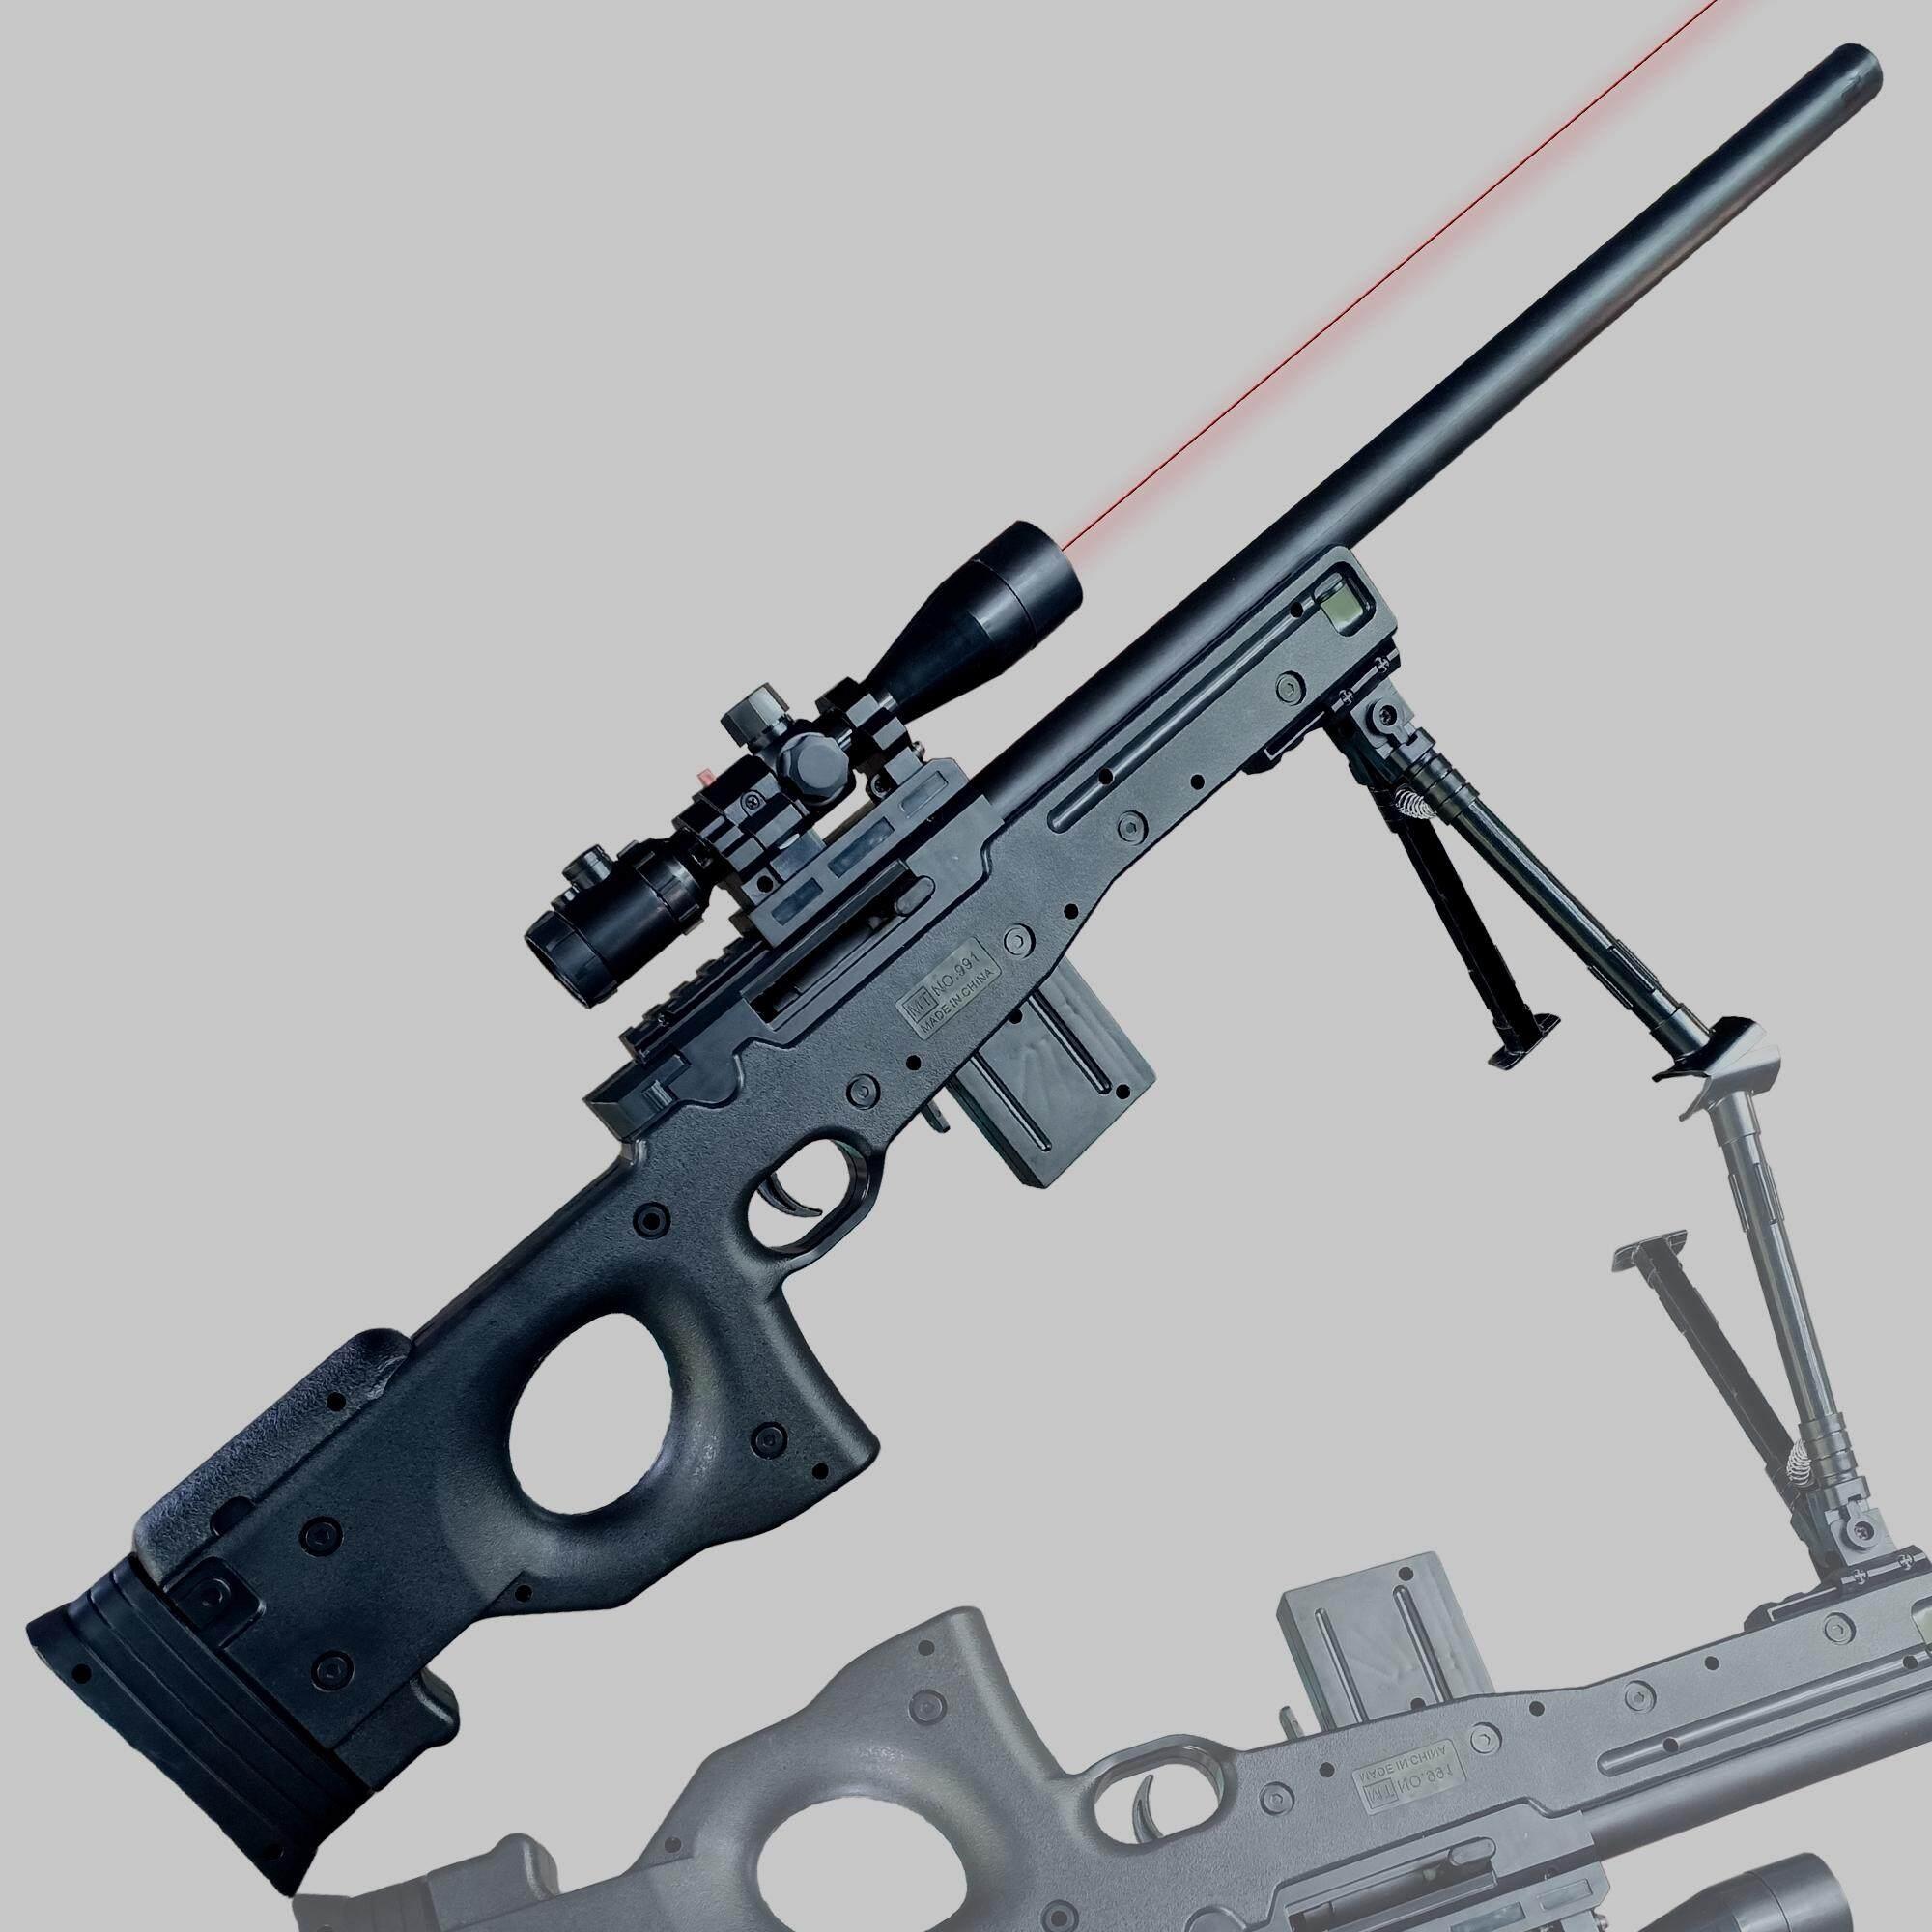 SP Toys ปืนอัดลม ปืนสไนเปอร์อัดลม ลำกล้องติดเลเซอร์ บอดี้พลาสติกแข็ง รุ่น MT.991